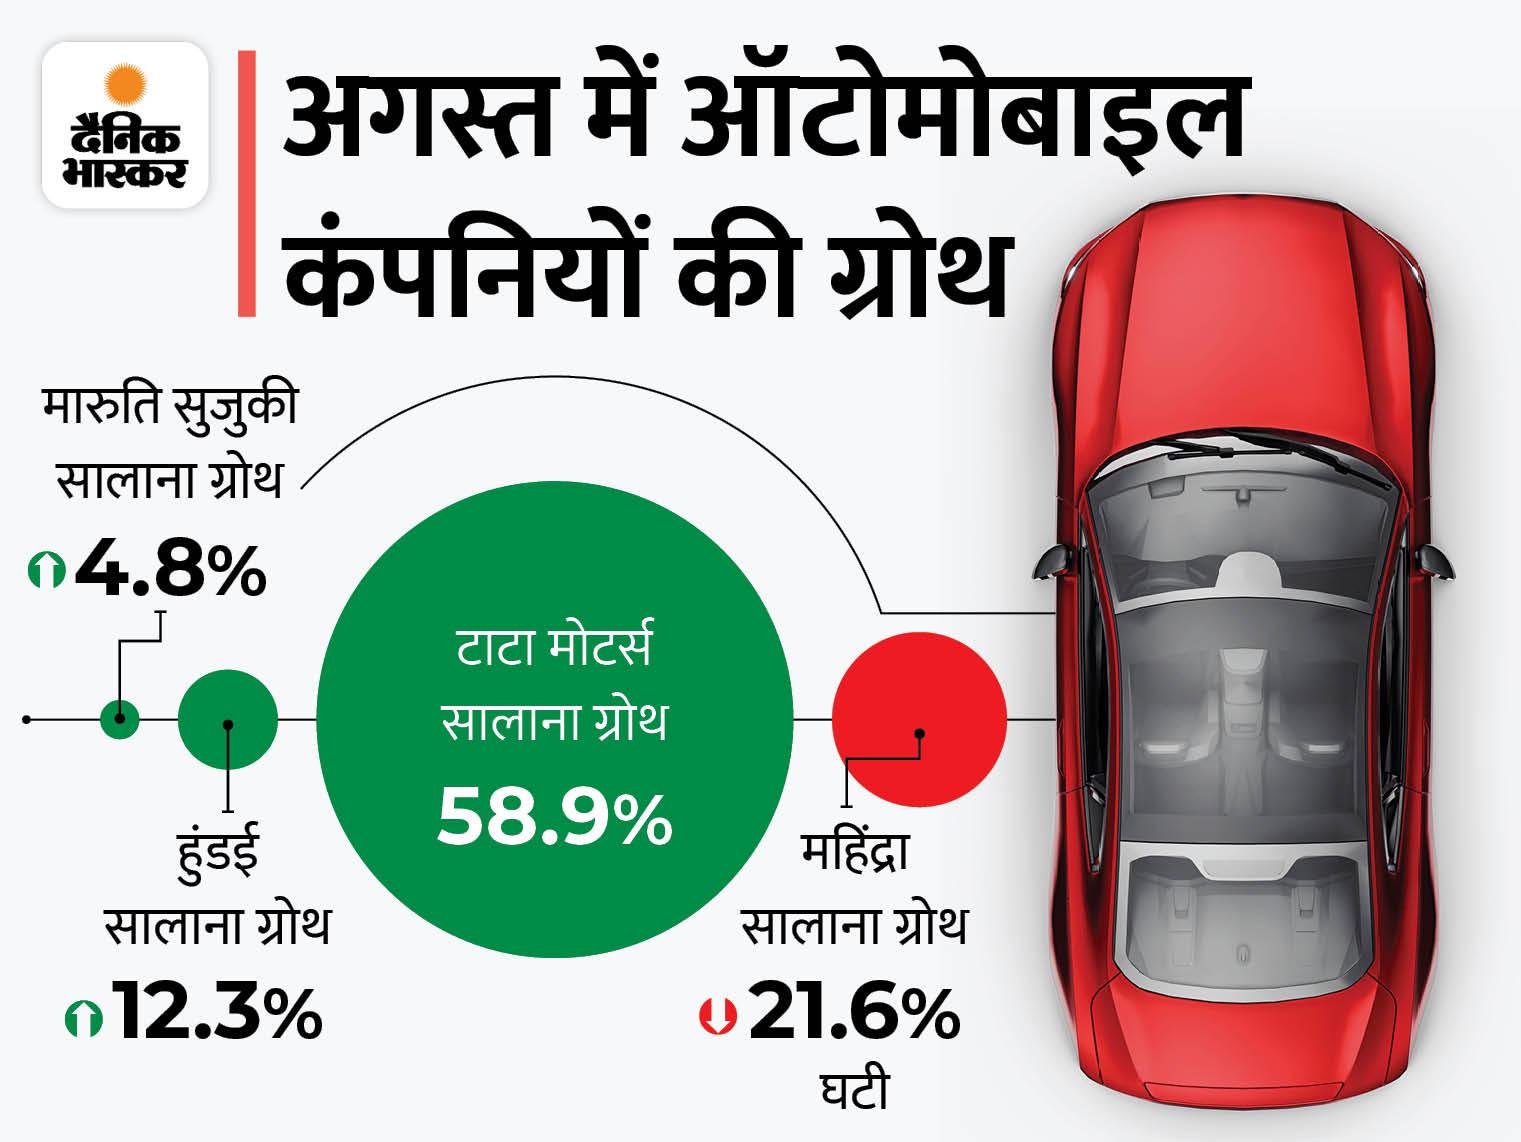 अगस्त में सालाना आधार पर मारुति, हुंडई, टाटा की बिक्री बढ़ी; टाटा ने 59% की ग्रोथ के साथ 57995 गाड़ियां बेचीं|टेक & ऑटो,Tech & Auto - Dainik Bhaskar